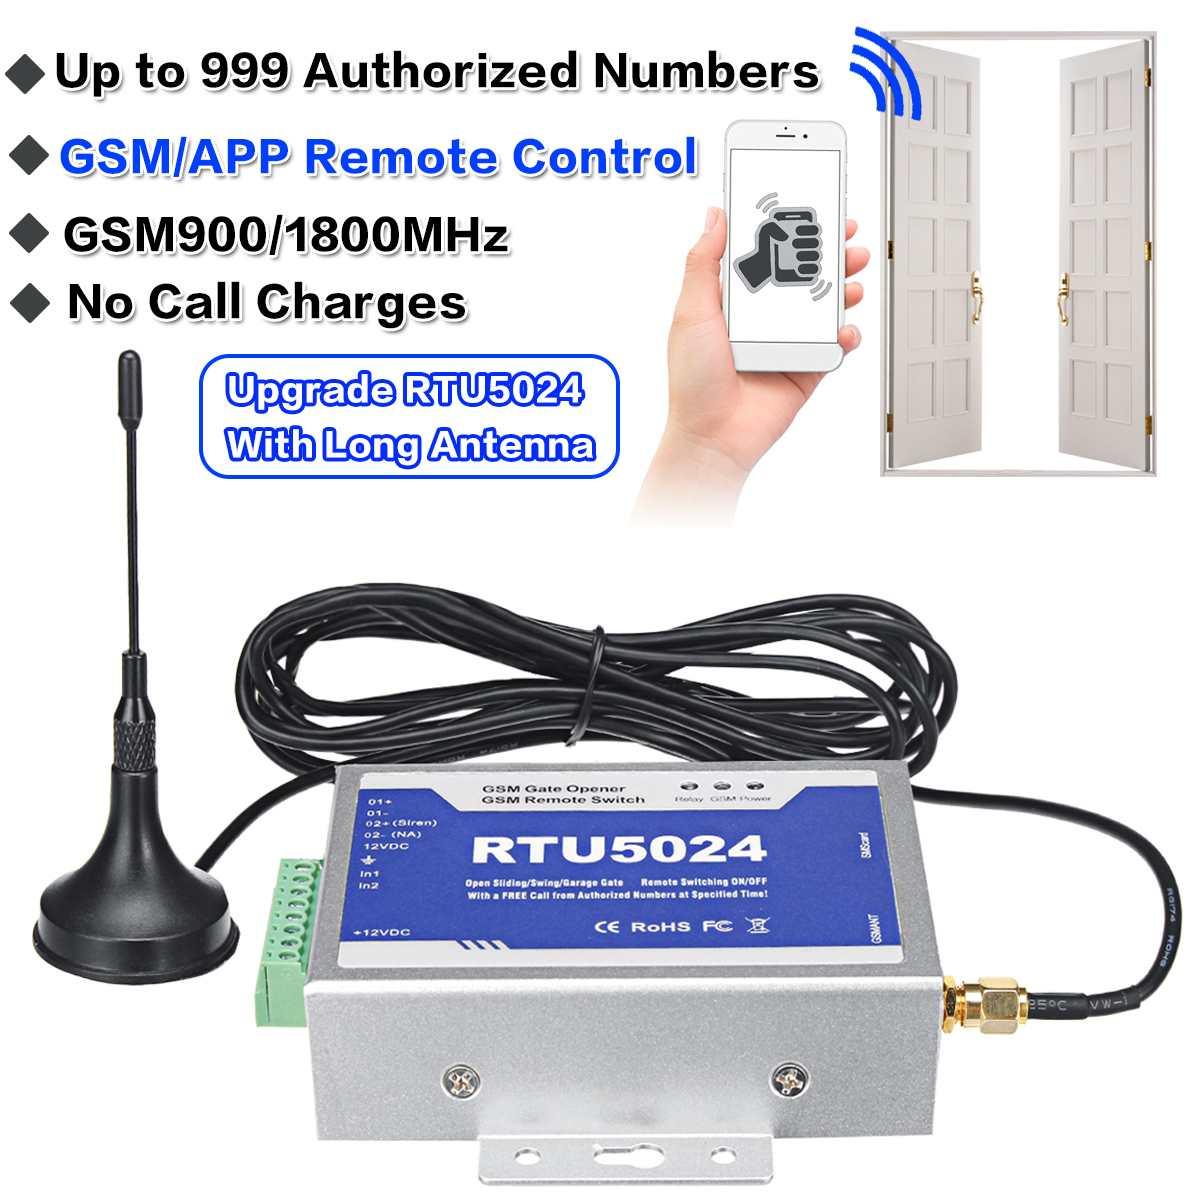 RTU5024 ouvreur de porte GSM | Commutateur de relais, télécommande sans fil, accès avec antenne de 300cm, Kit mis à niveau pour les systèmes de stationnement